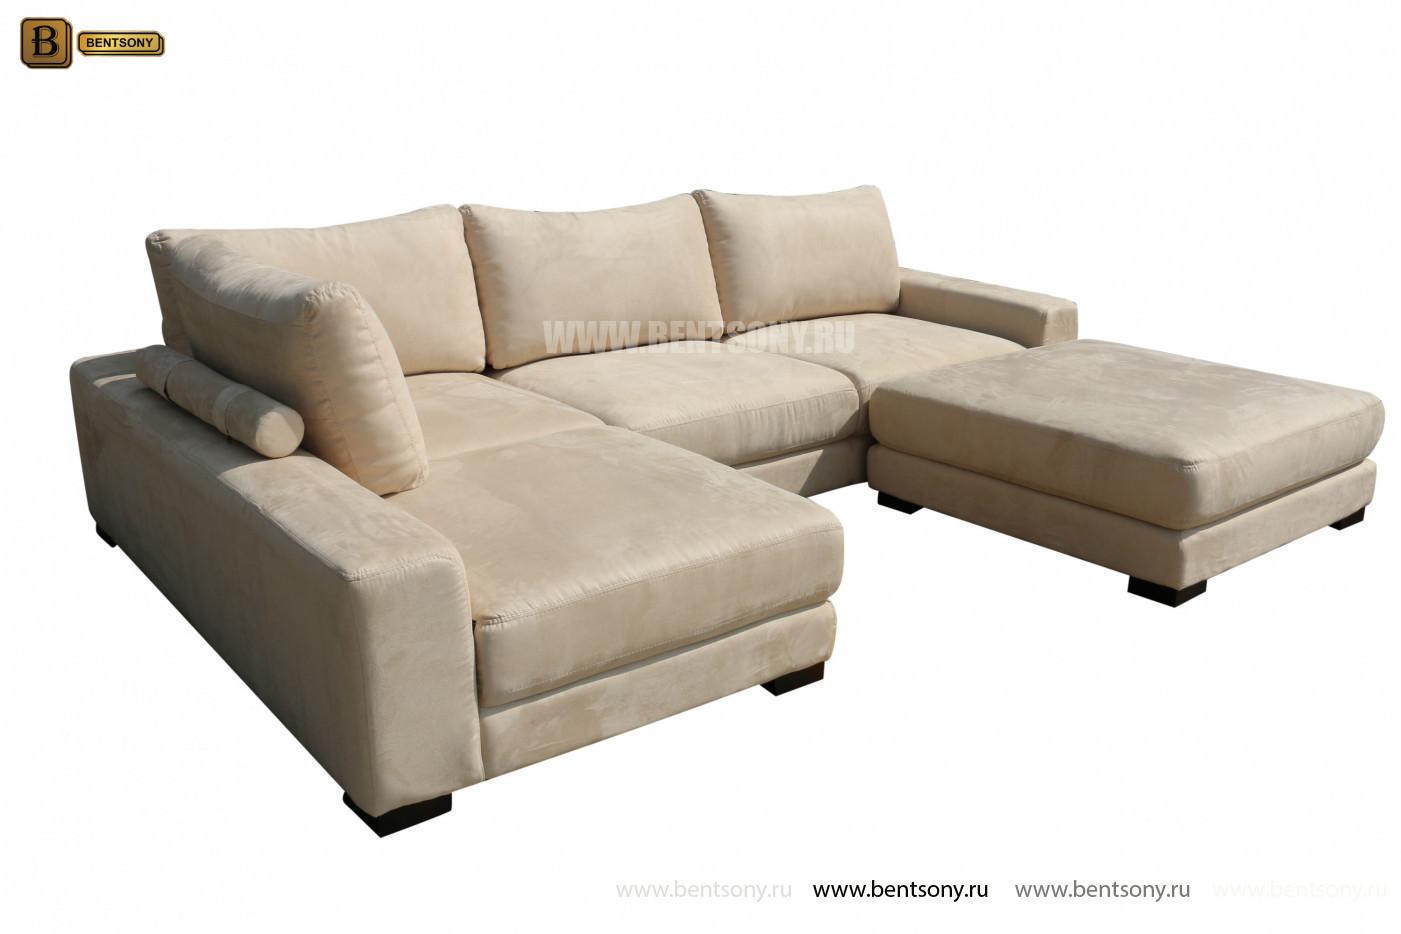 угловой модульный диван Луиджи с пуфом купить